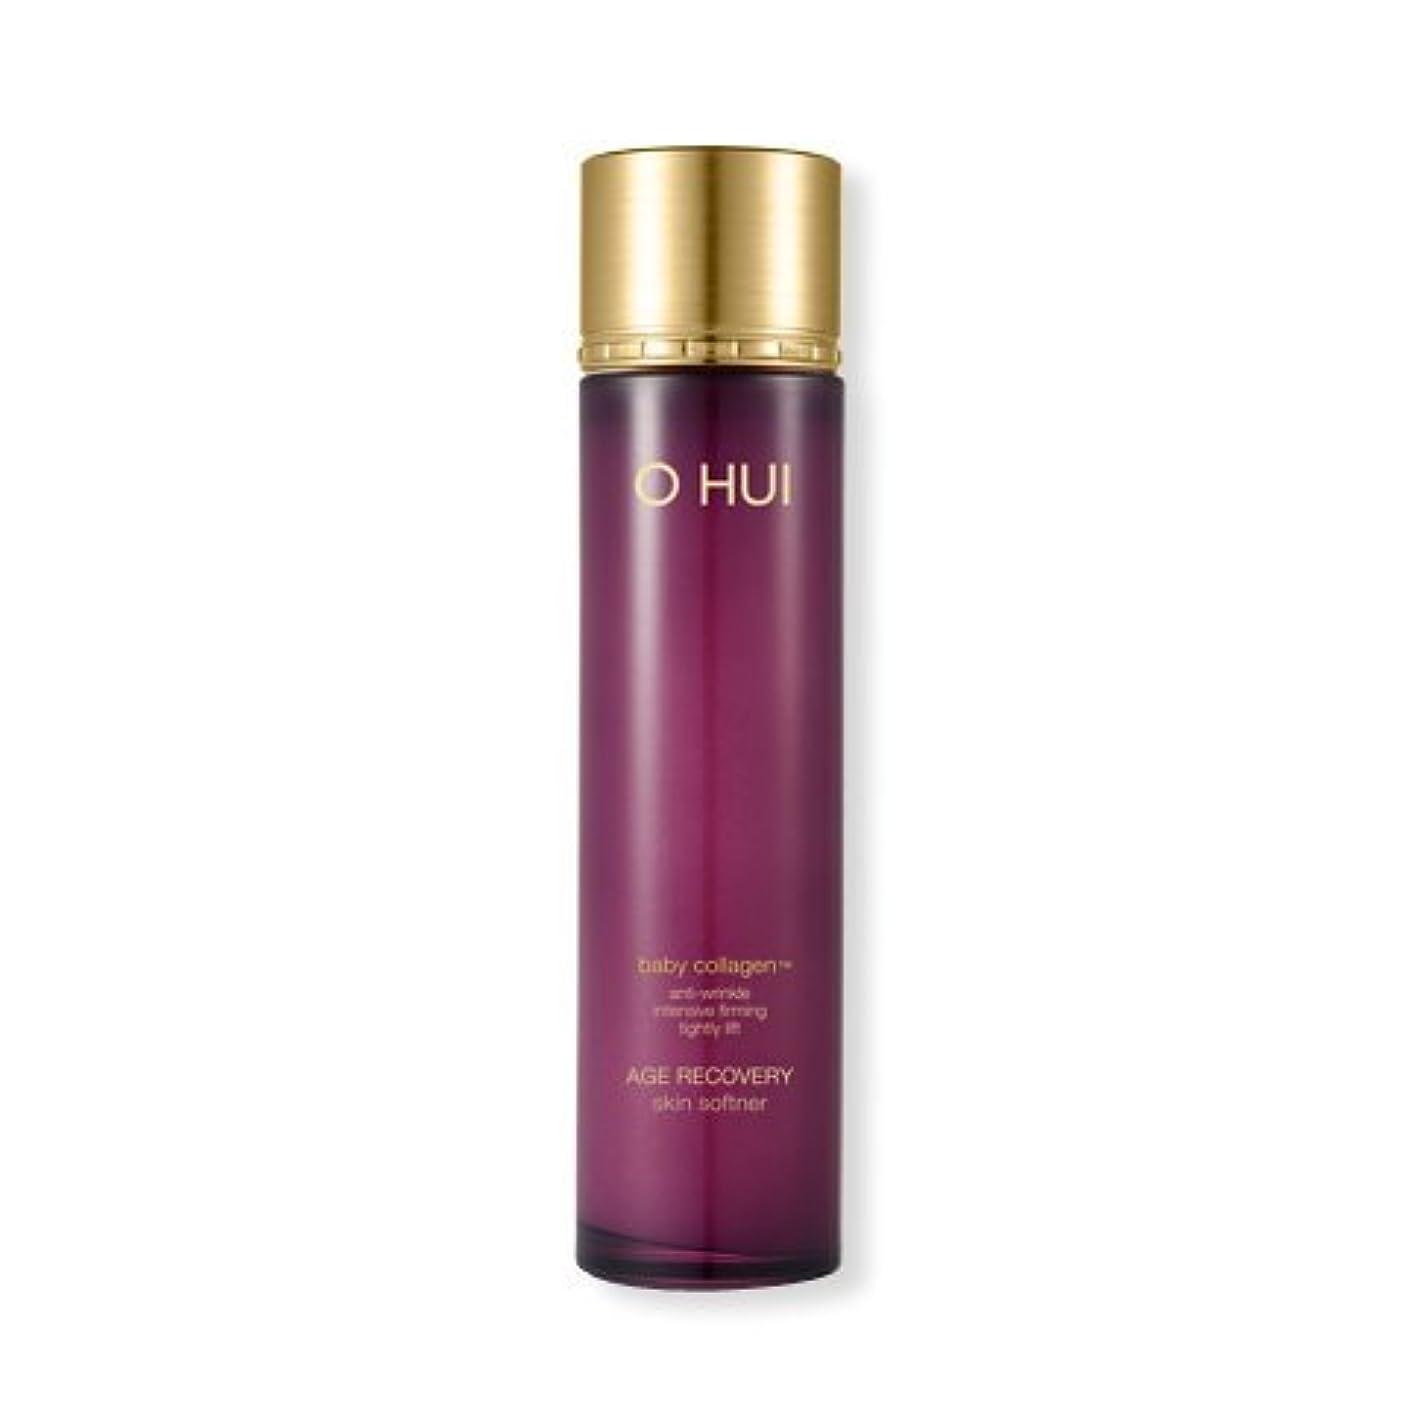 修理工浜辺コーヒーOHUI Age Recovery Skin Softener 150ml/オフィ エイジ リカバリー スキン ソフナー 150ml [並行輸入品]